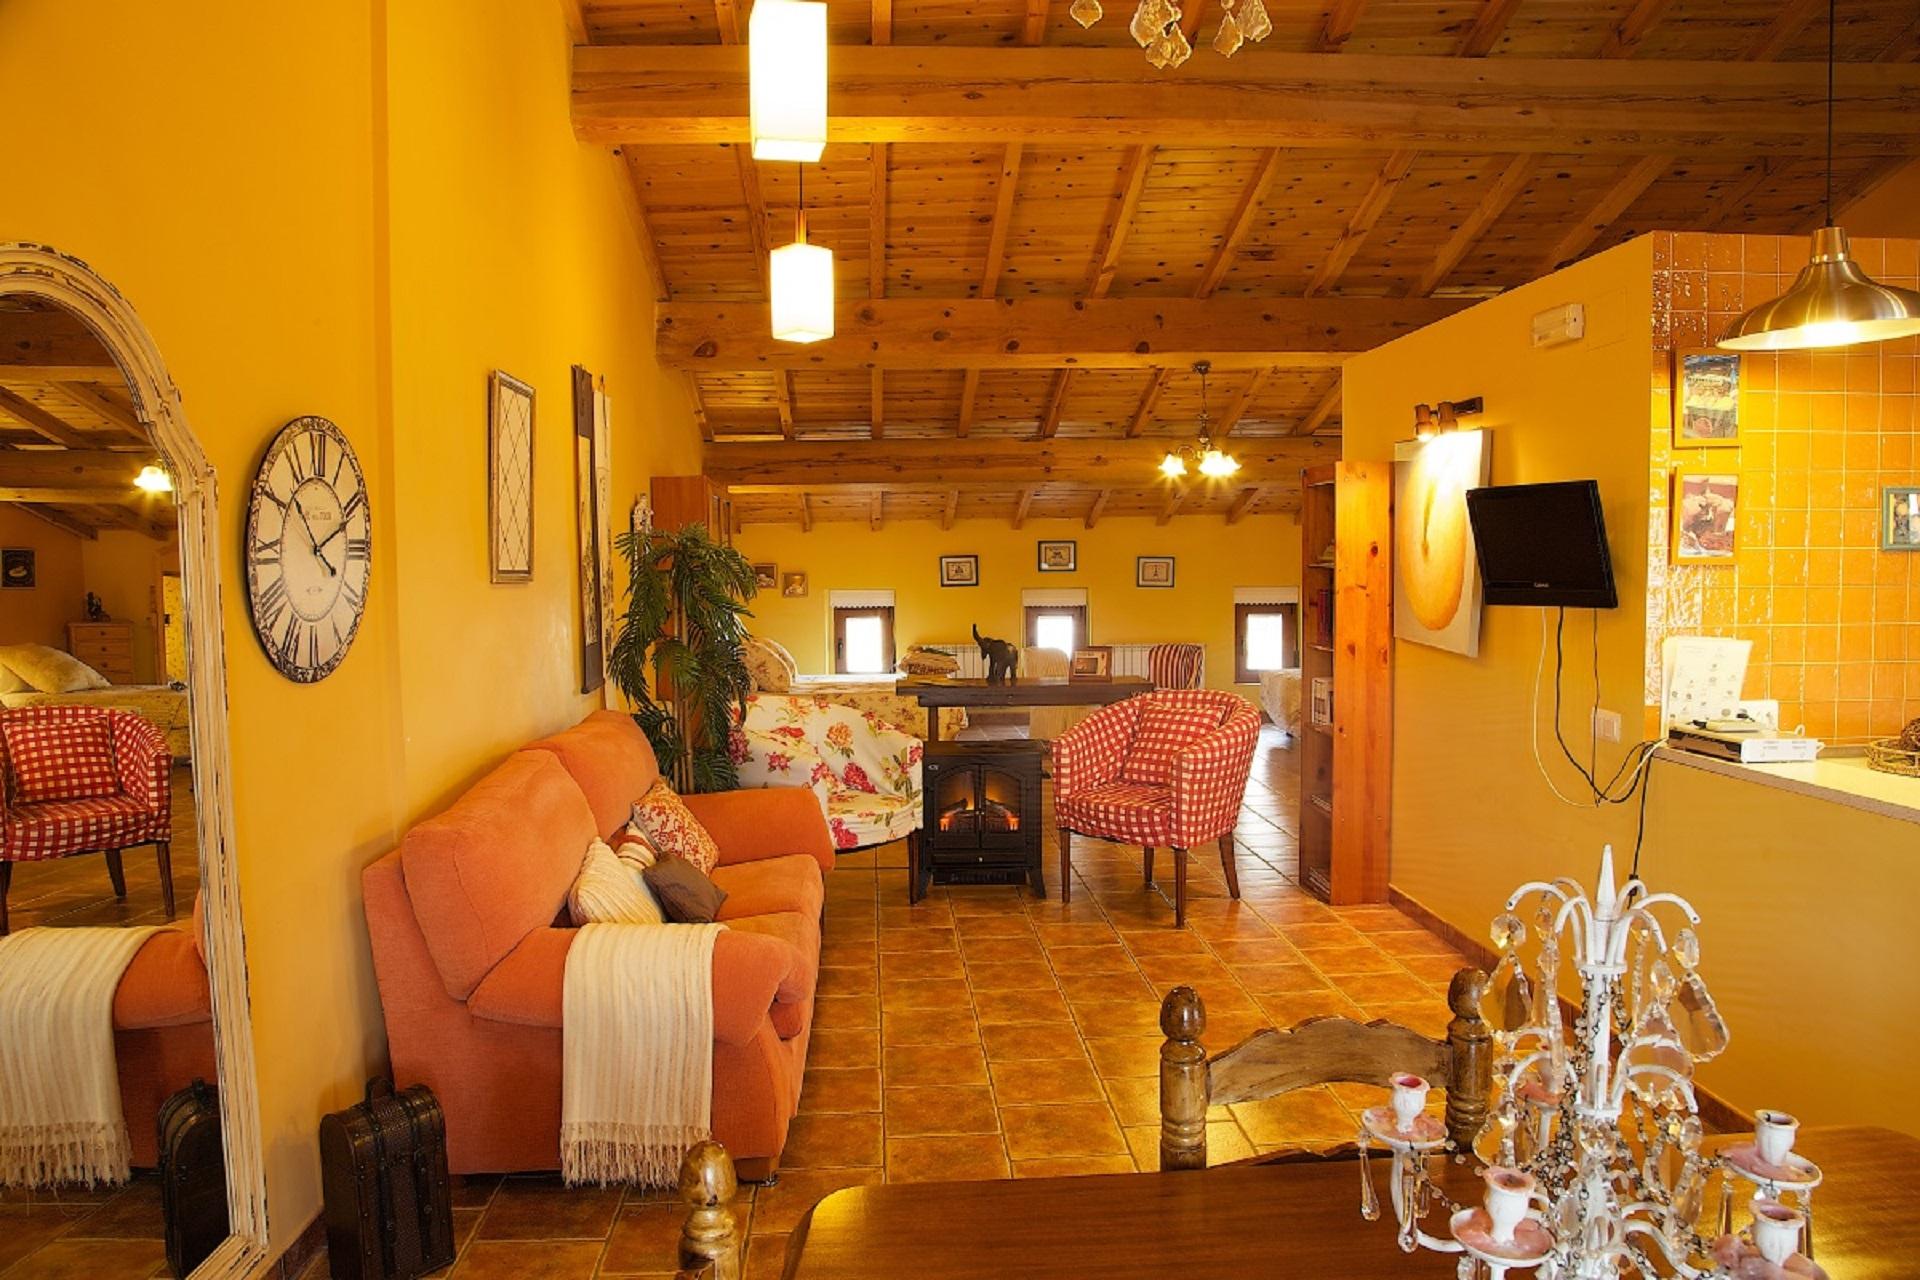 casas rurales de lujo Valladolid, Castilla y León, alojamientos únicos, decoración exquisita, secret places, con estilo y carácter, lugares secretos